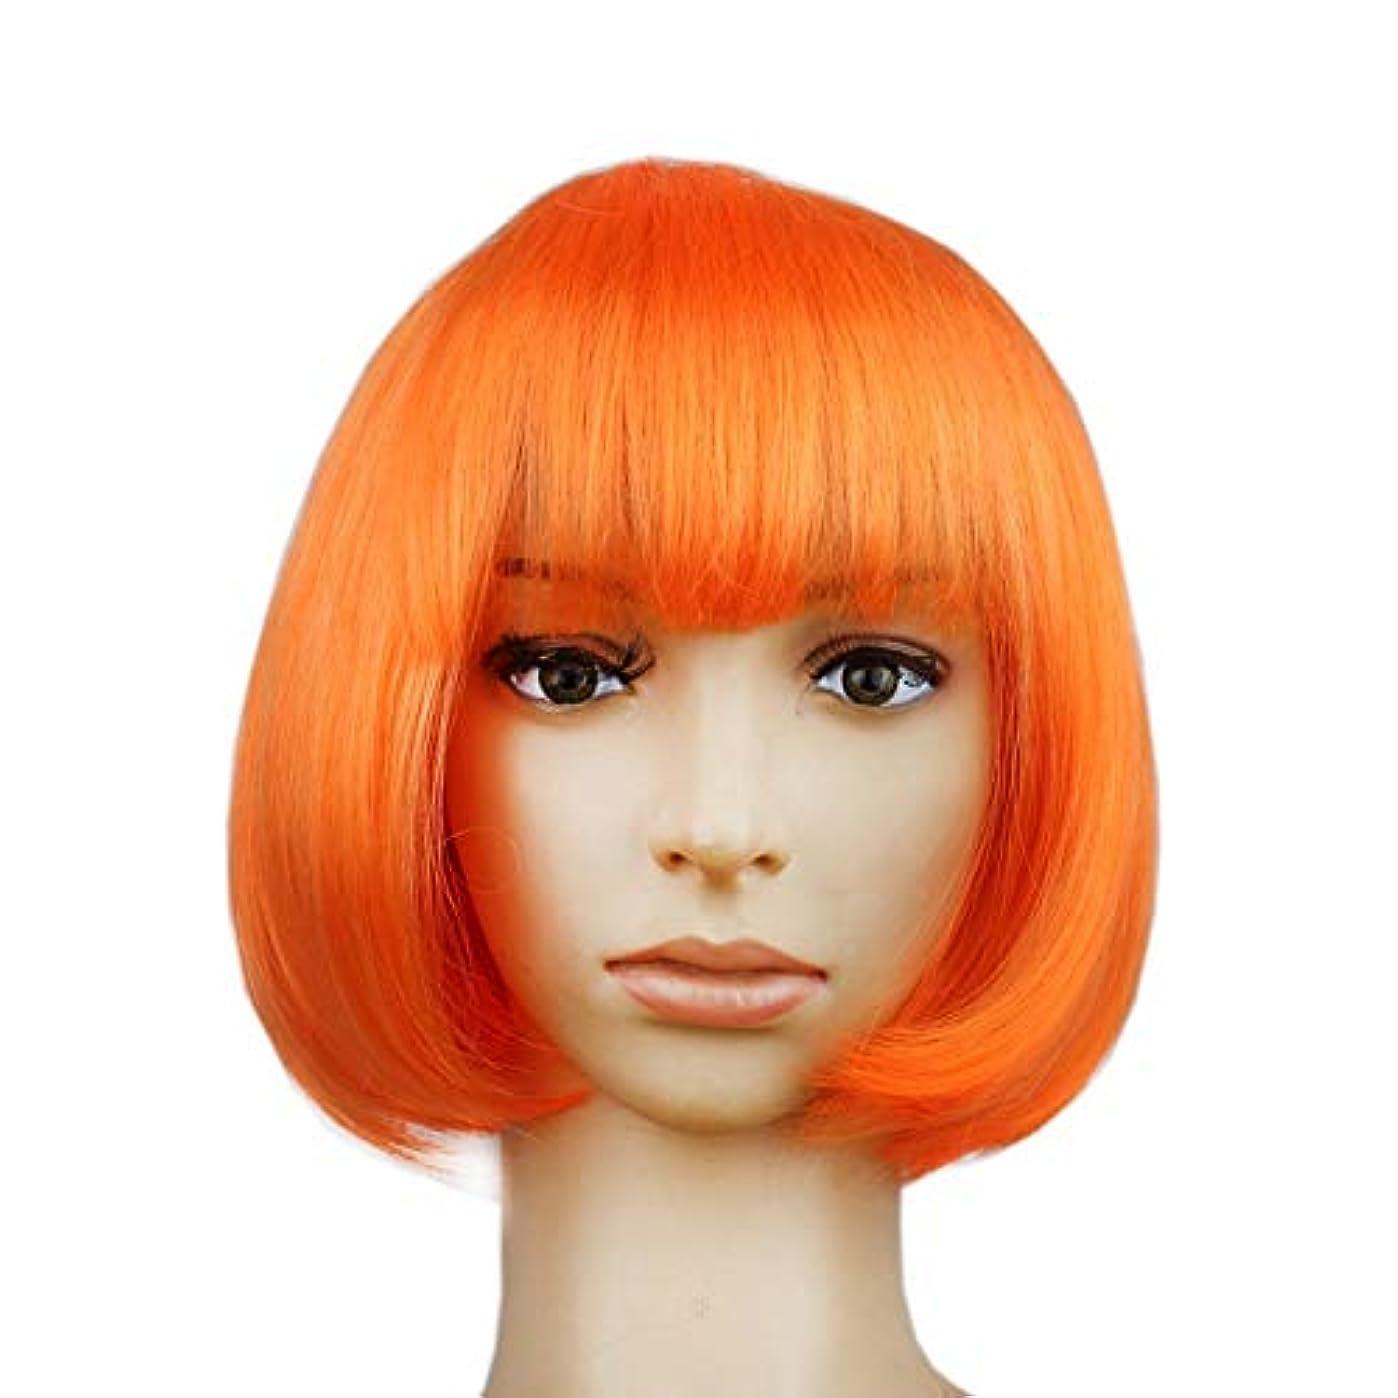 ラブ滑りやすい狂信者WTYD 美容ヘアツール パーティーコスプレヘッドウエアストレートショートペットウィッグ (色 : オレンジ)